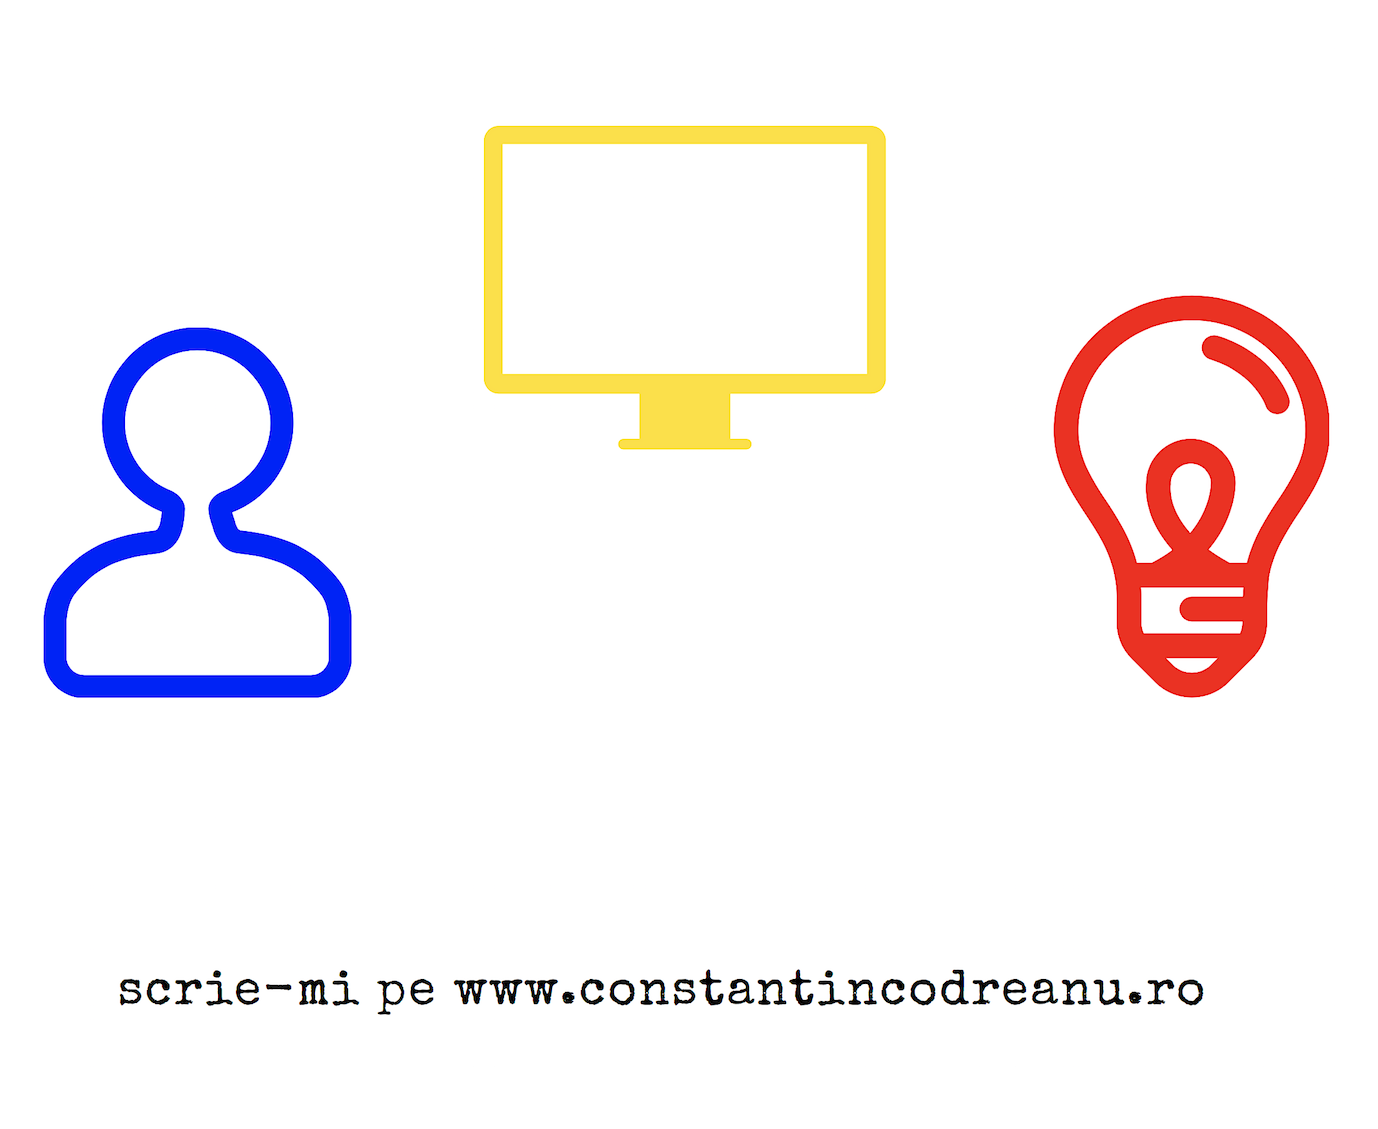 Constantin Codreanu Site Contact